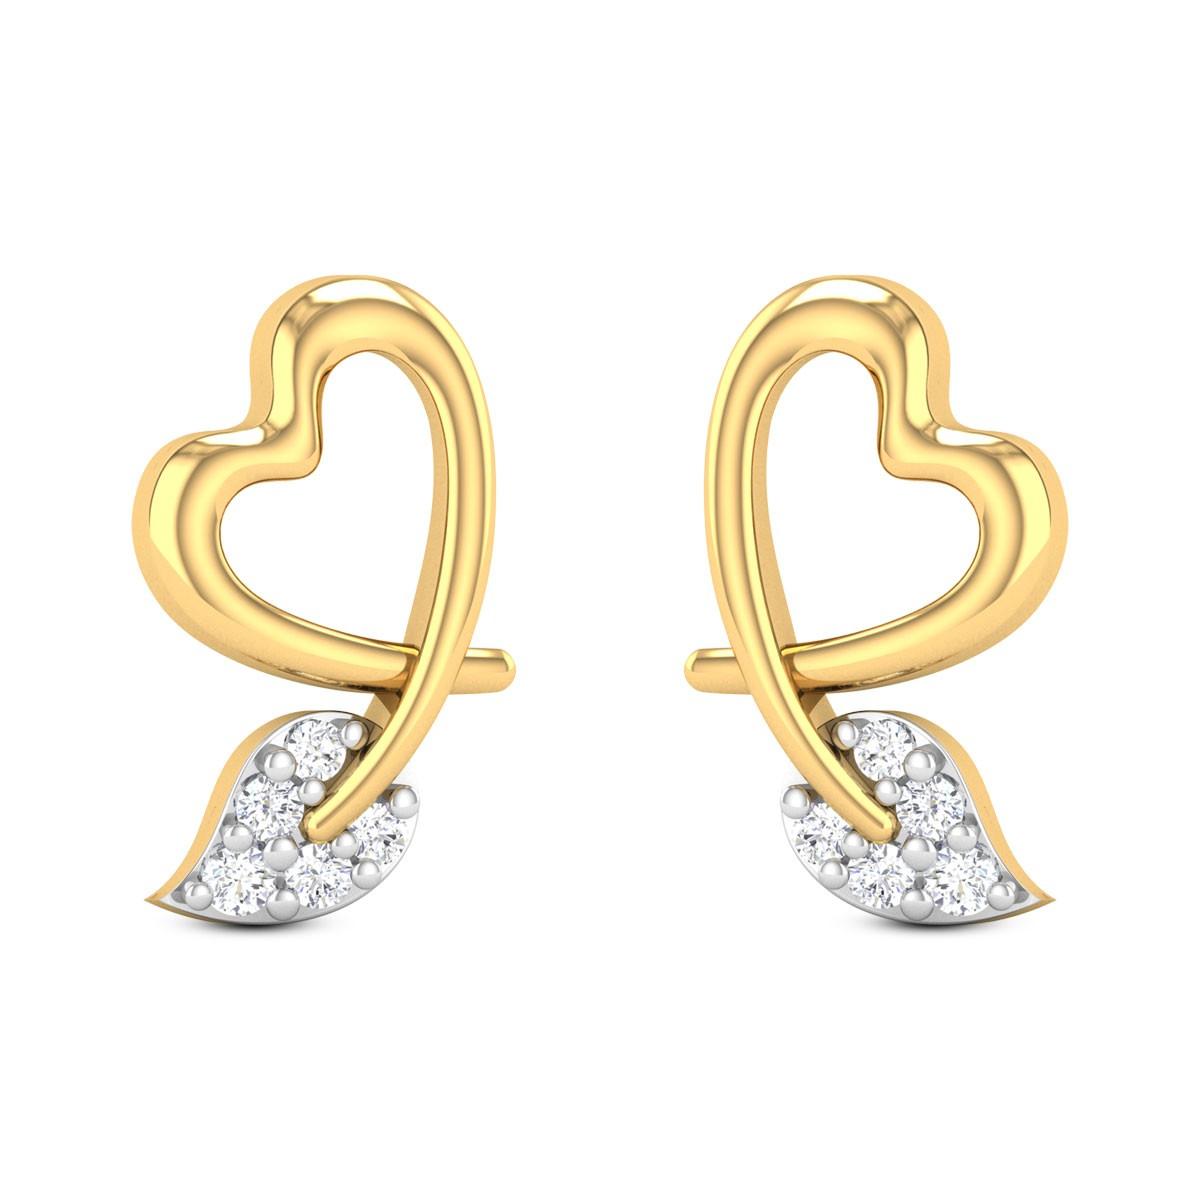 Vrishti Diamond Earrings